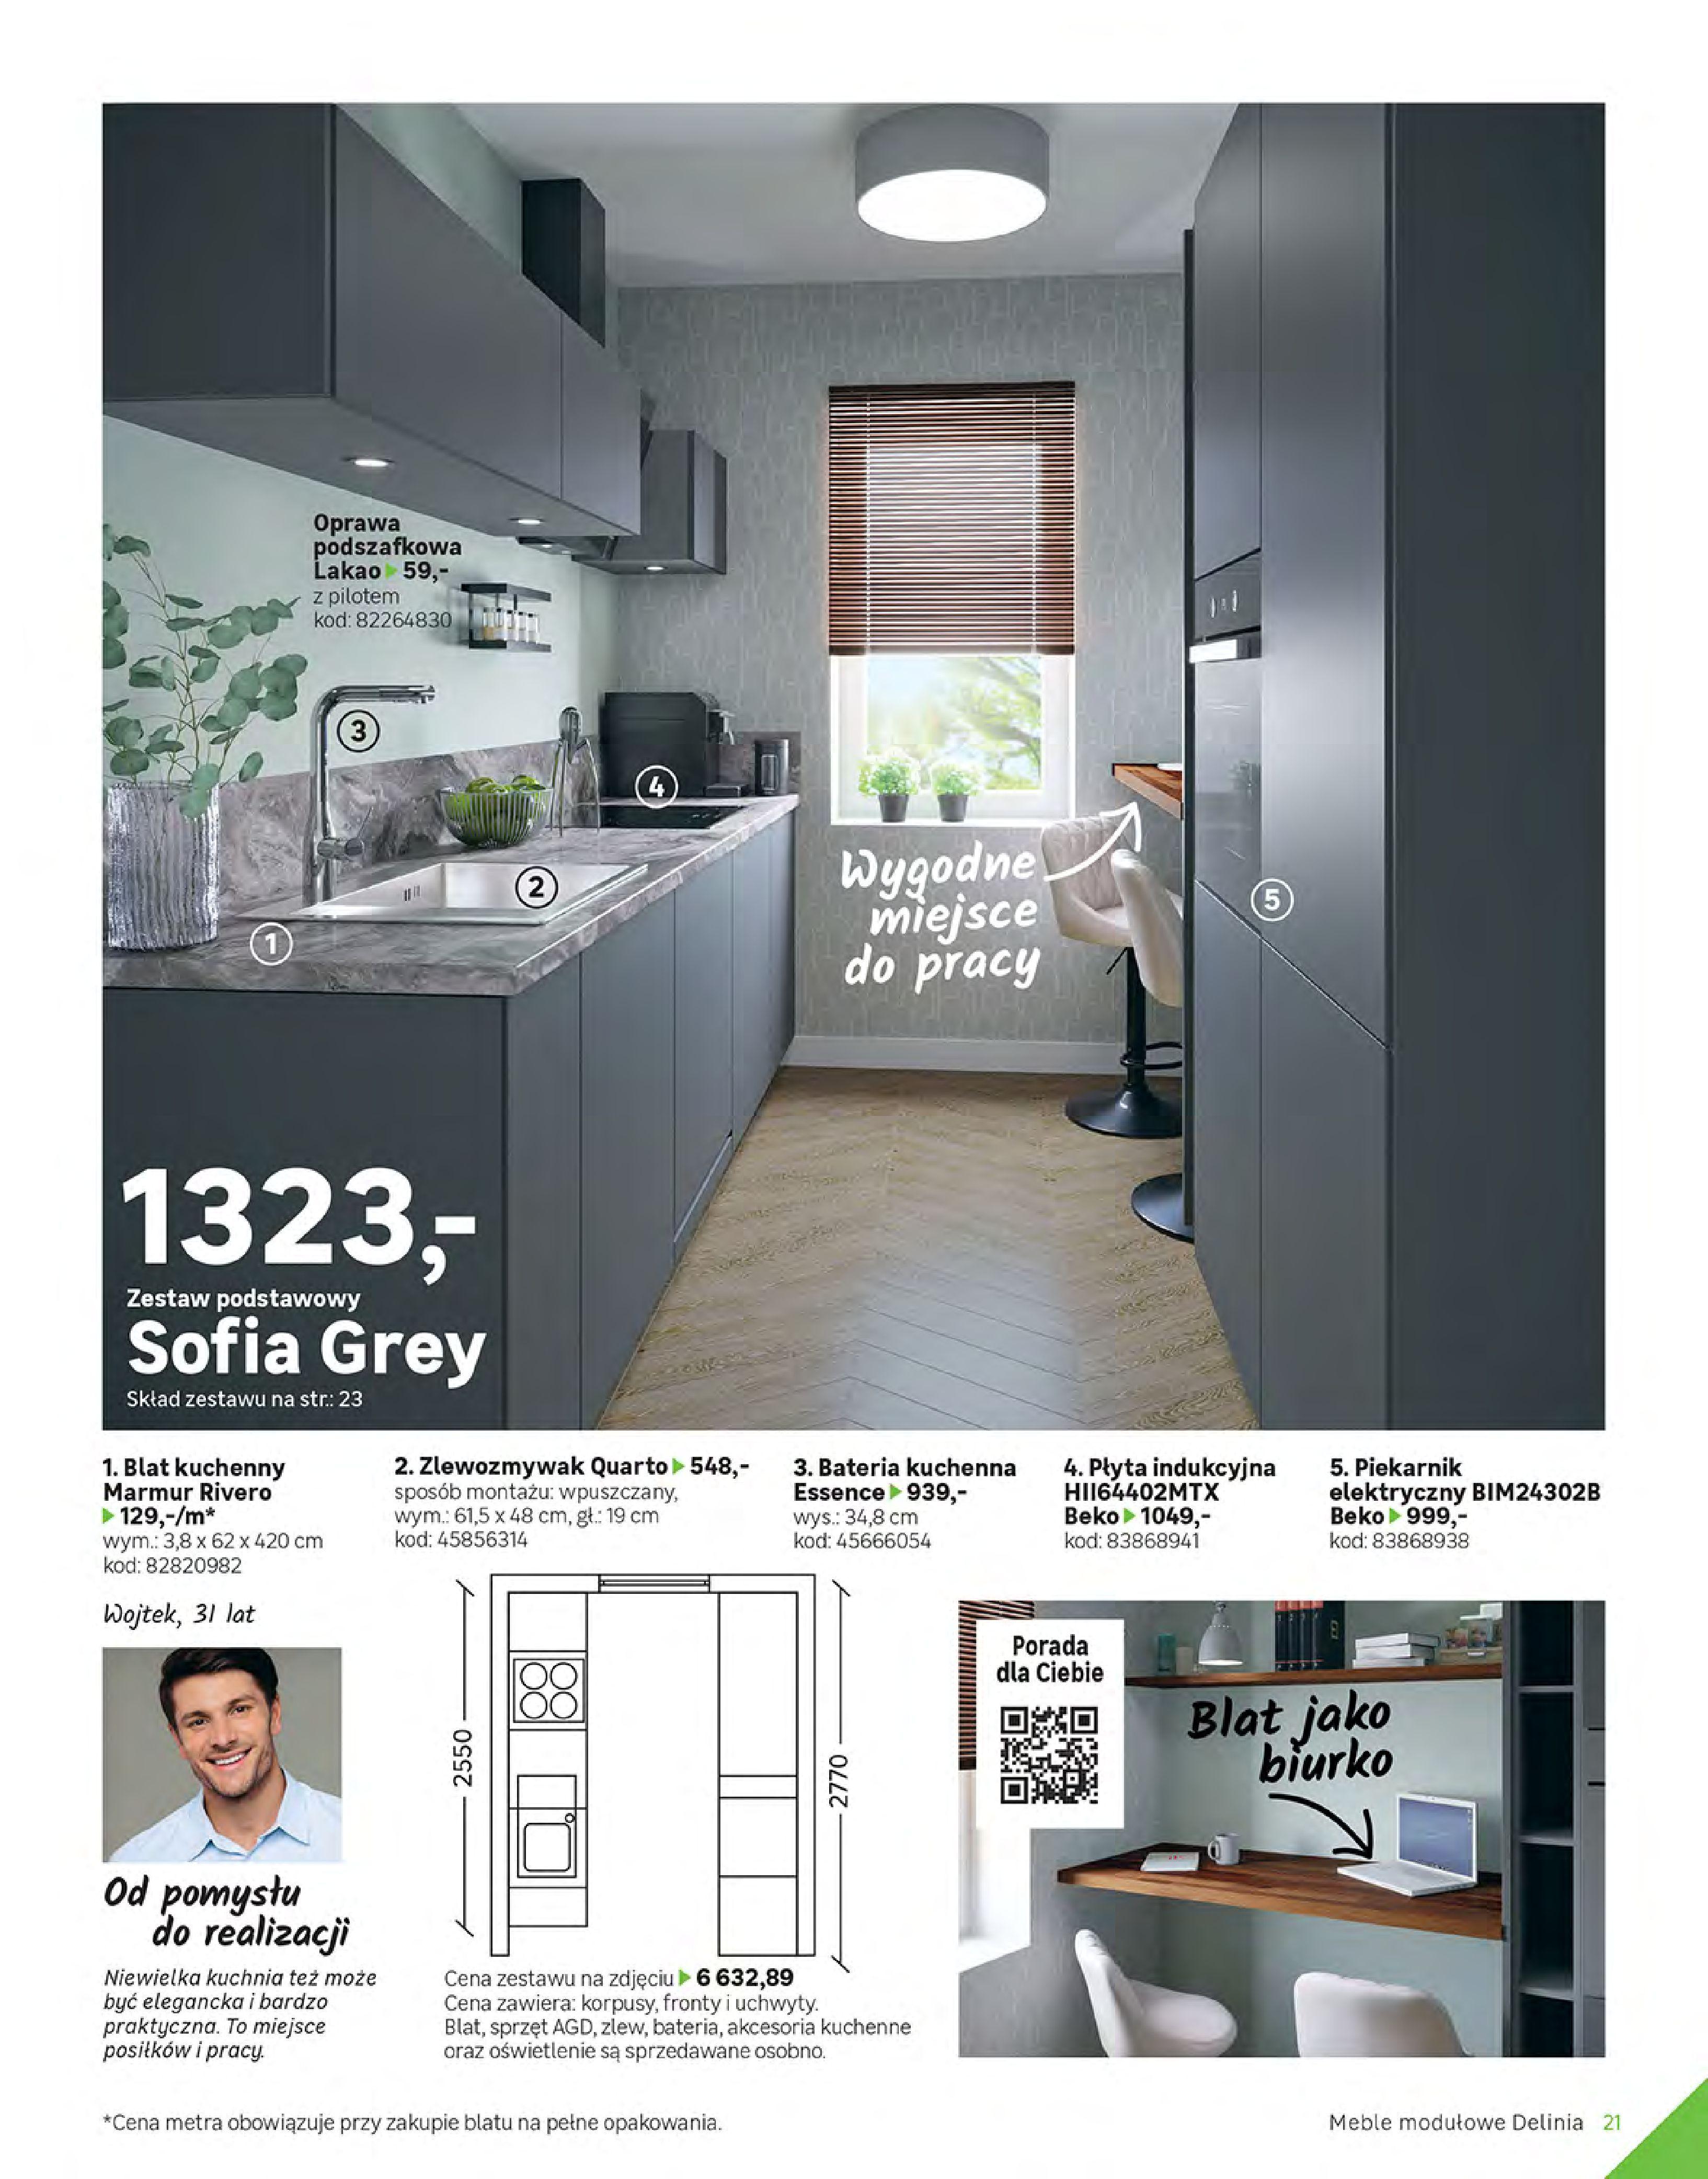 Gazetka Leroy Merlin: Gazetka Leroy Merlin - Katalog Projekty 2021-06-01 page-21